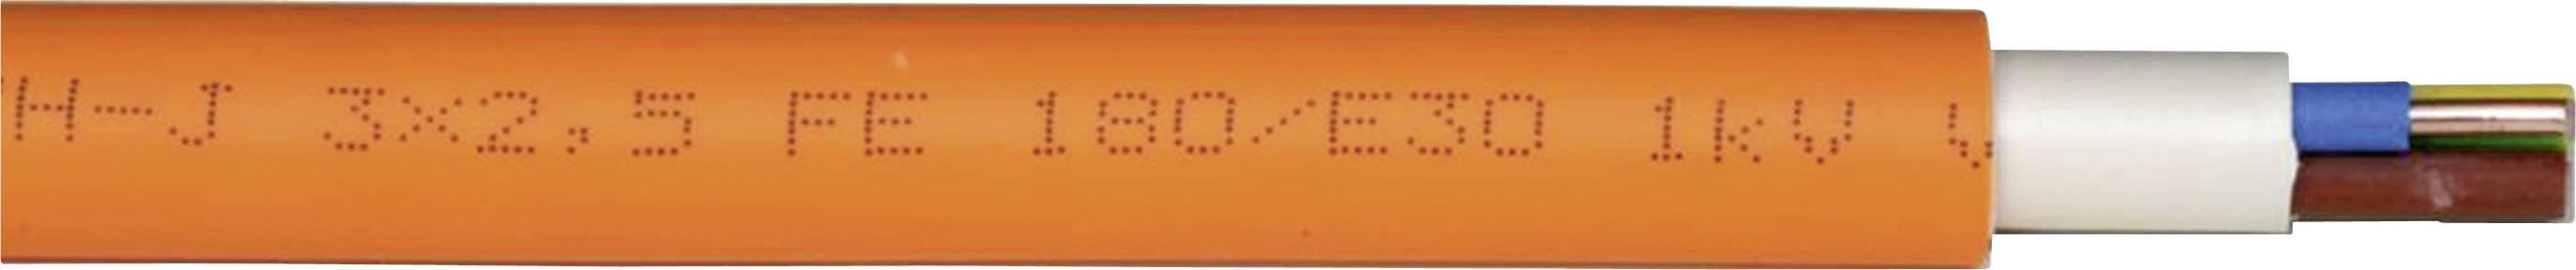 Kabel pro vysoké proudy Faber Kabel NHXHX ..FE180/E90 (010952), 3 x 2,5 mm², oranžová, 1 m